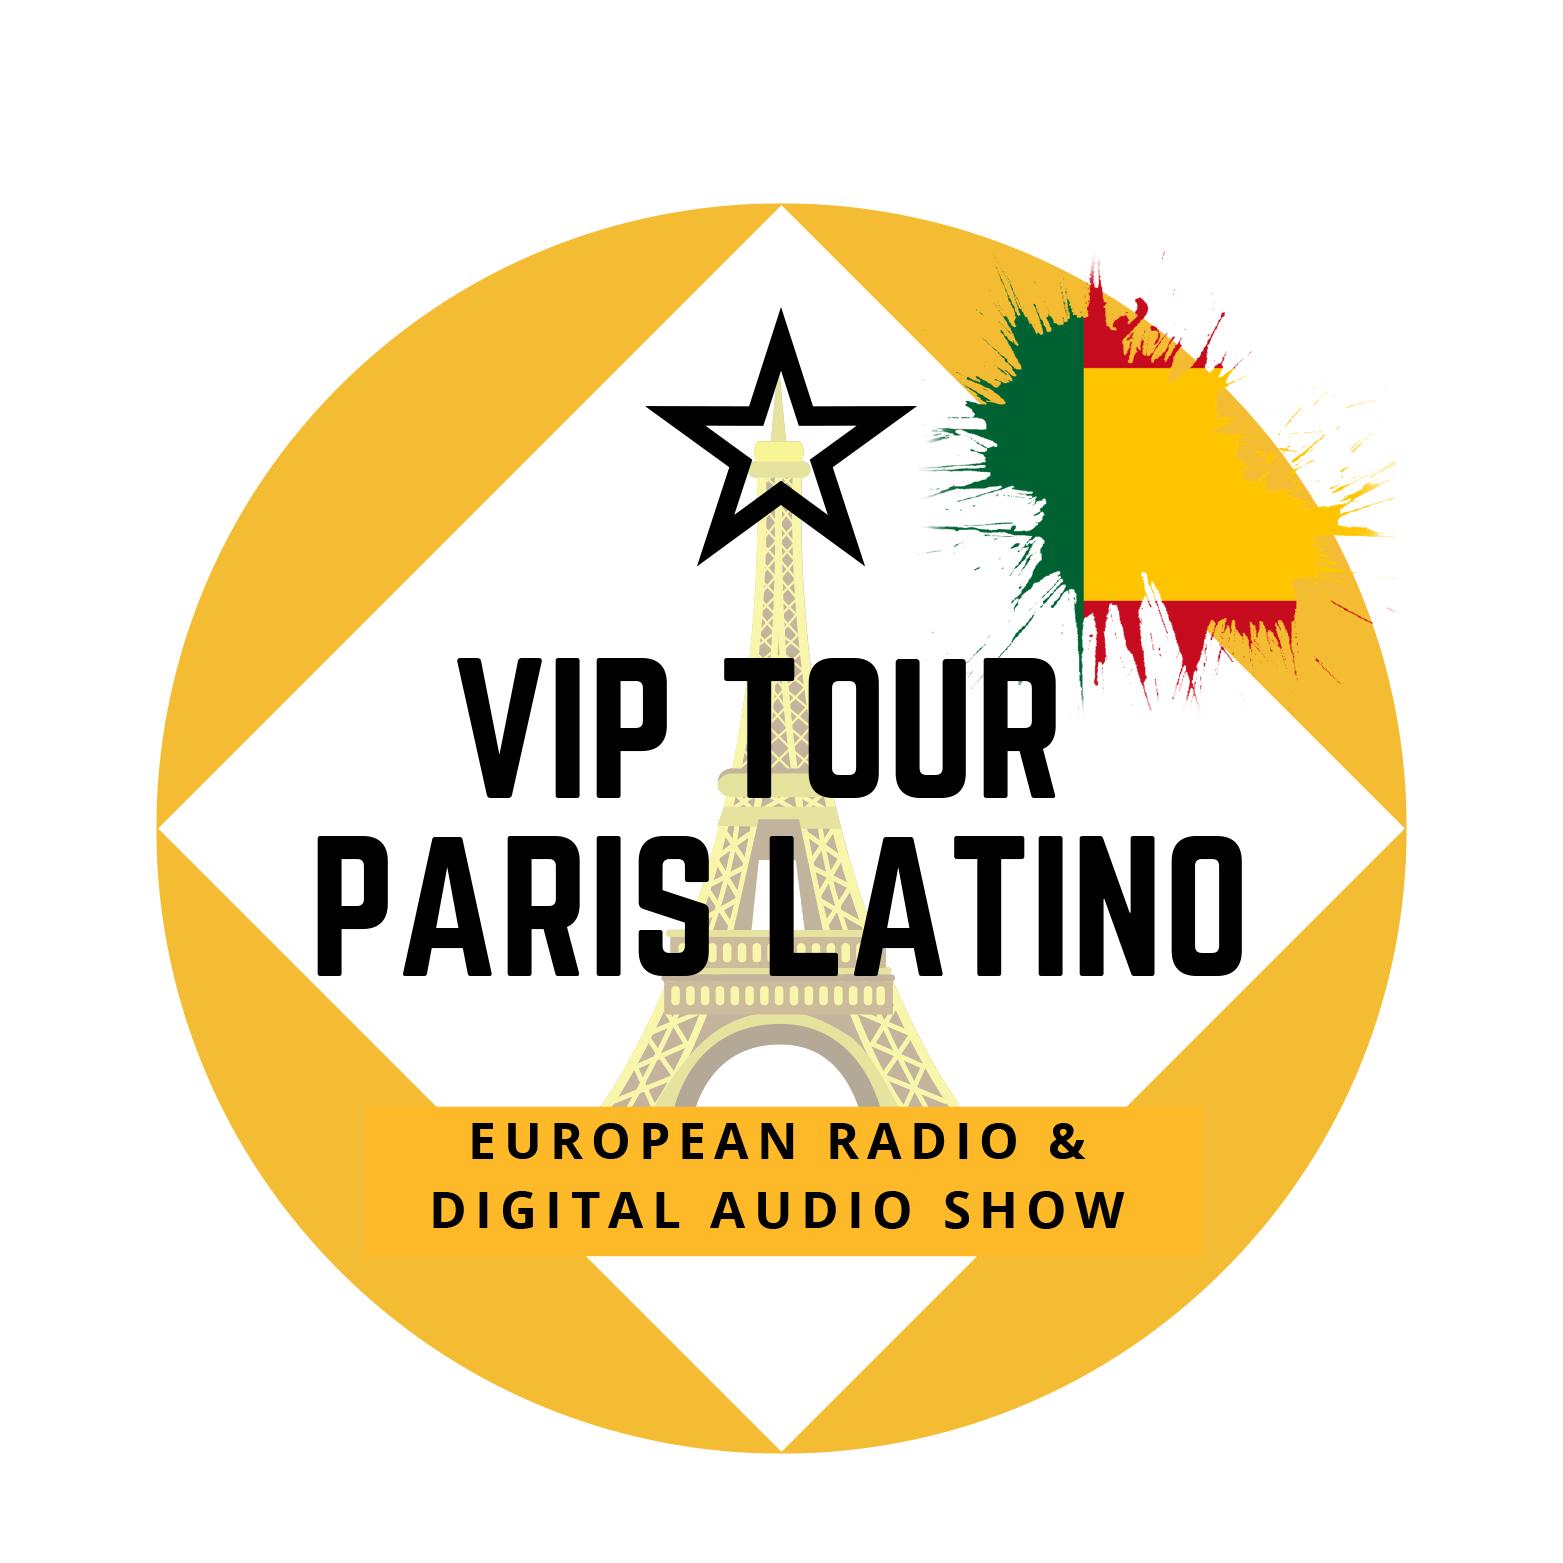 20 radios espagnoles et portuguaises seront également invitées à participer à un tour VIP mis en place par l'organisation dans le cadre du Pays à l'honneur 2019.